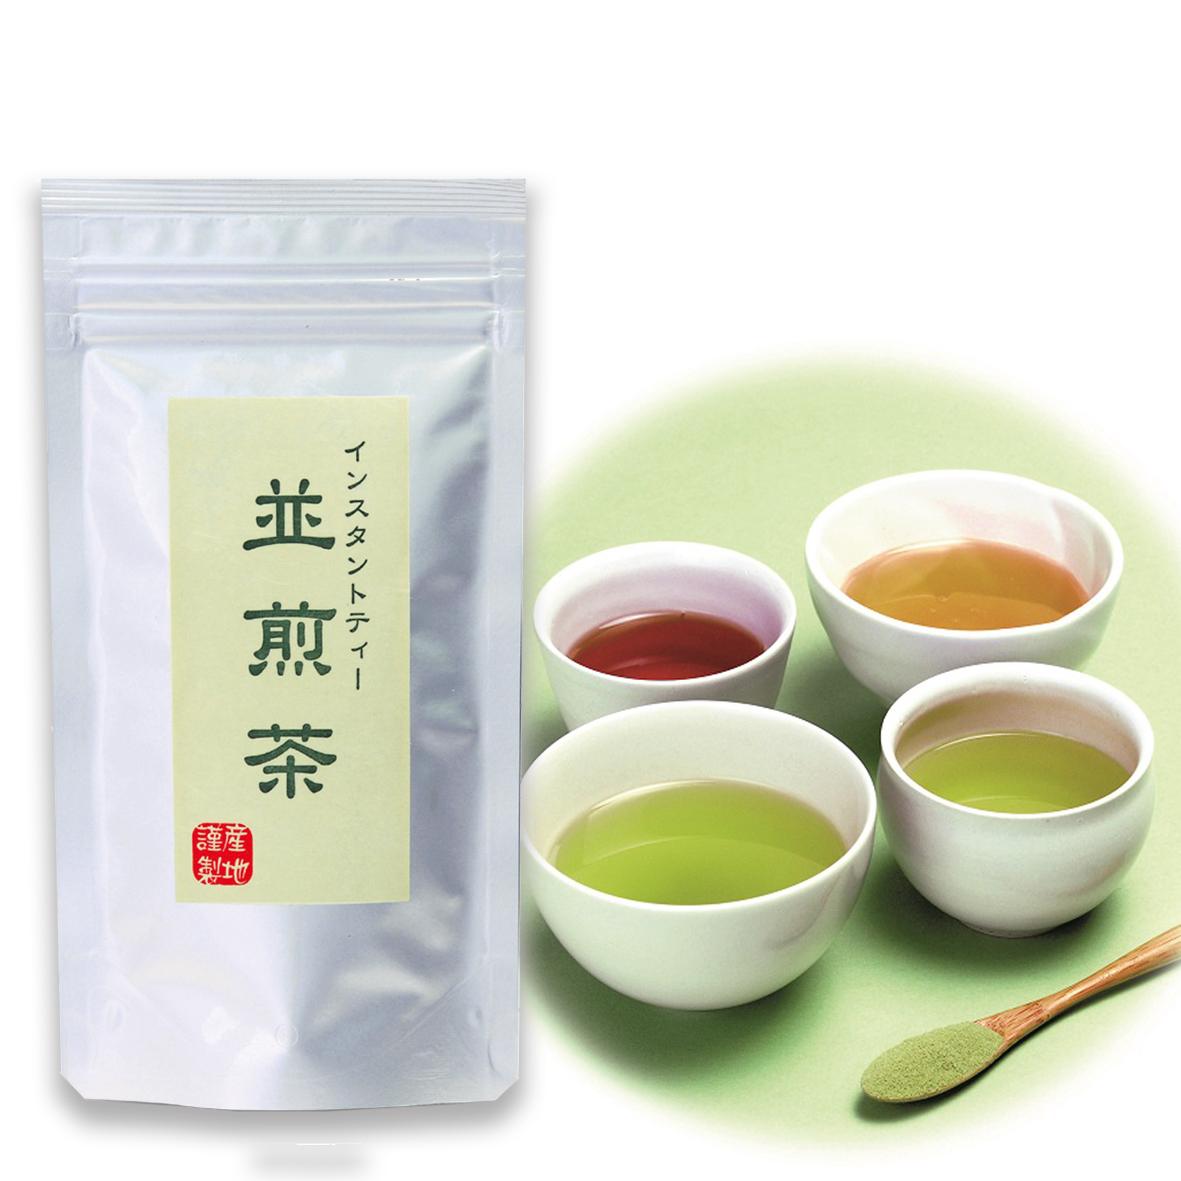 インスタントティー 並煎茶(50g袋入り)